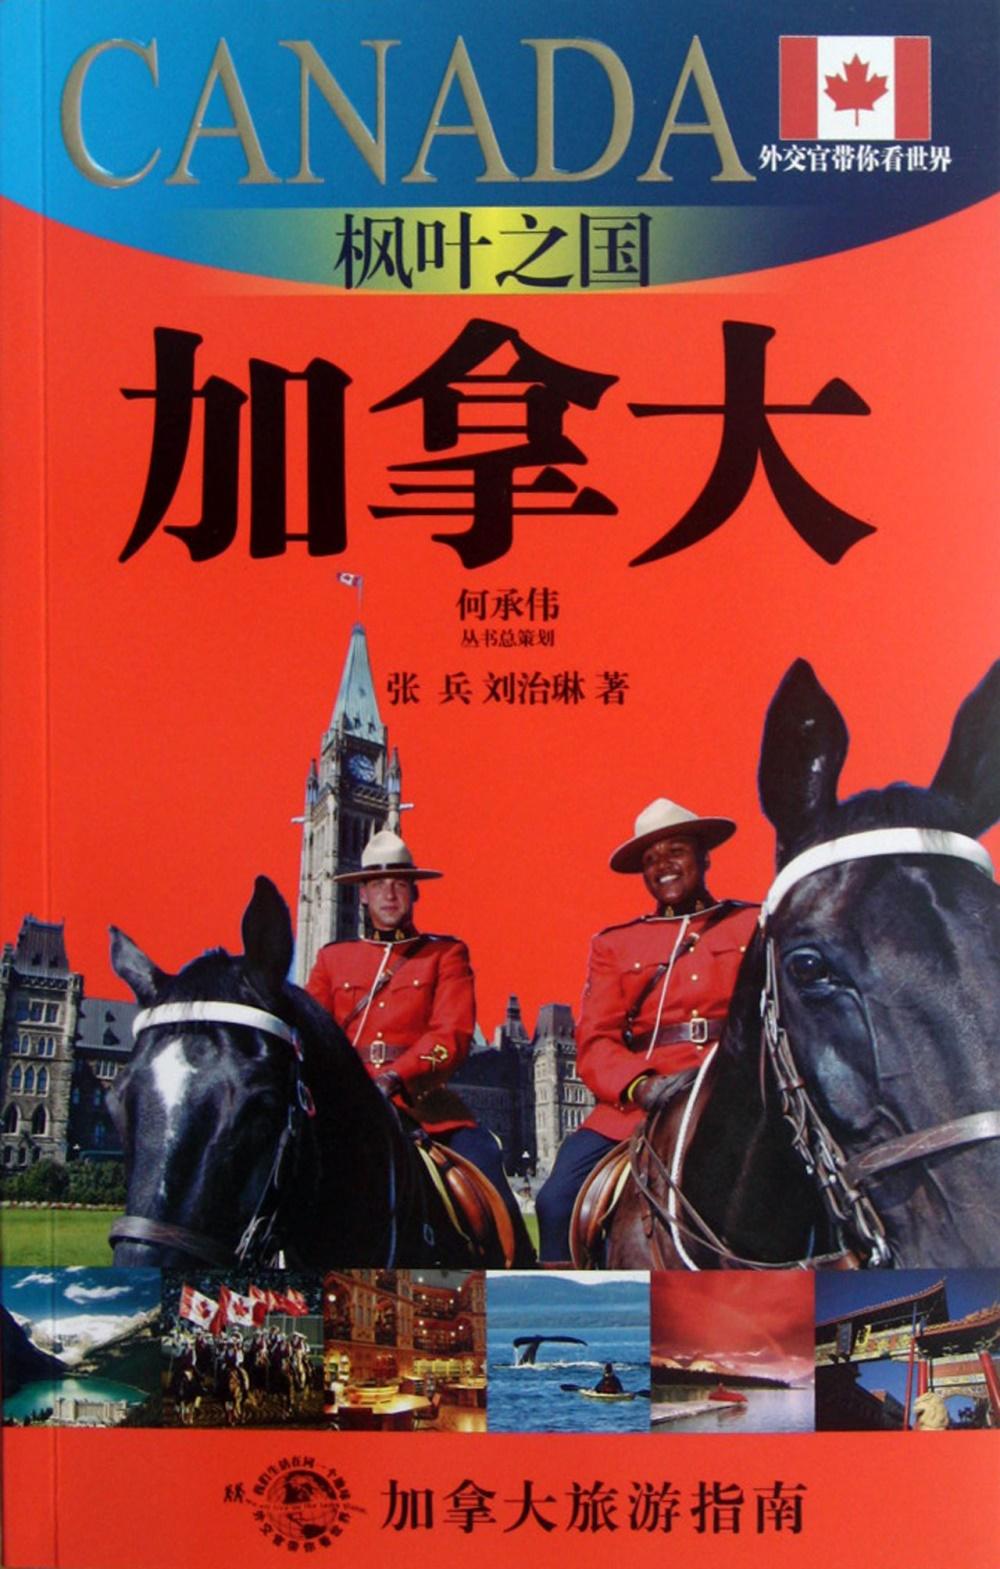 楓葉之國~~加拿大:加拿大旅游指南